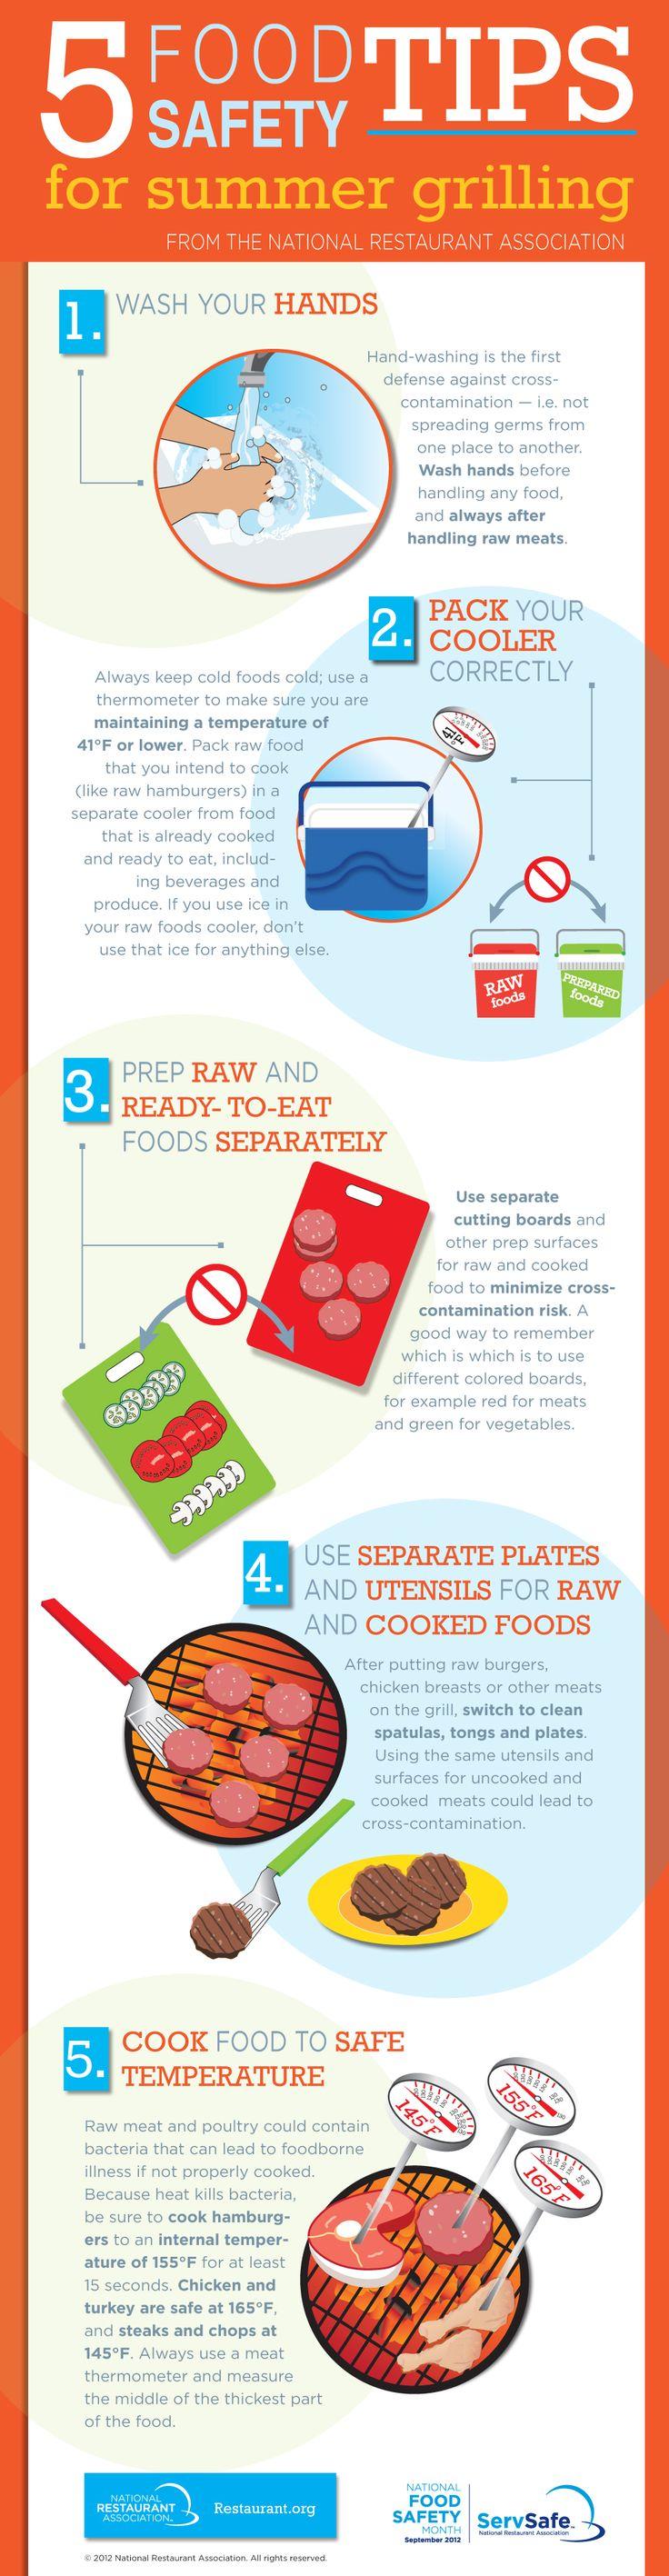 10 best servsafe images on pinterest food network trisha food